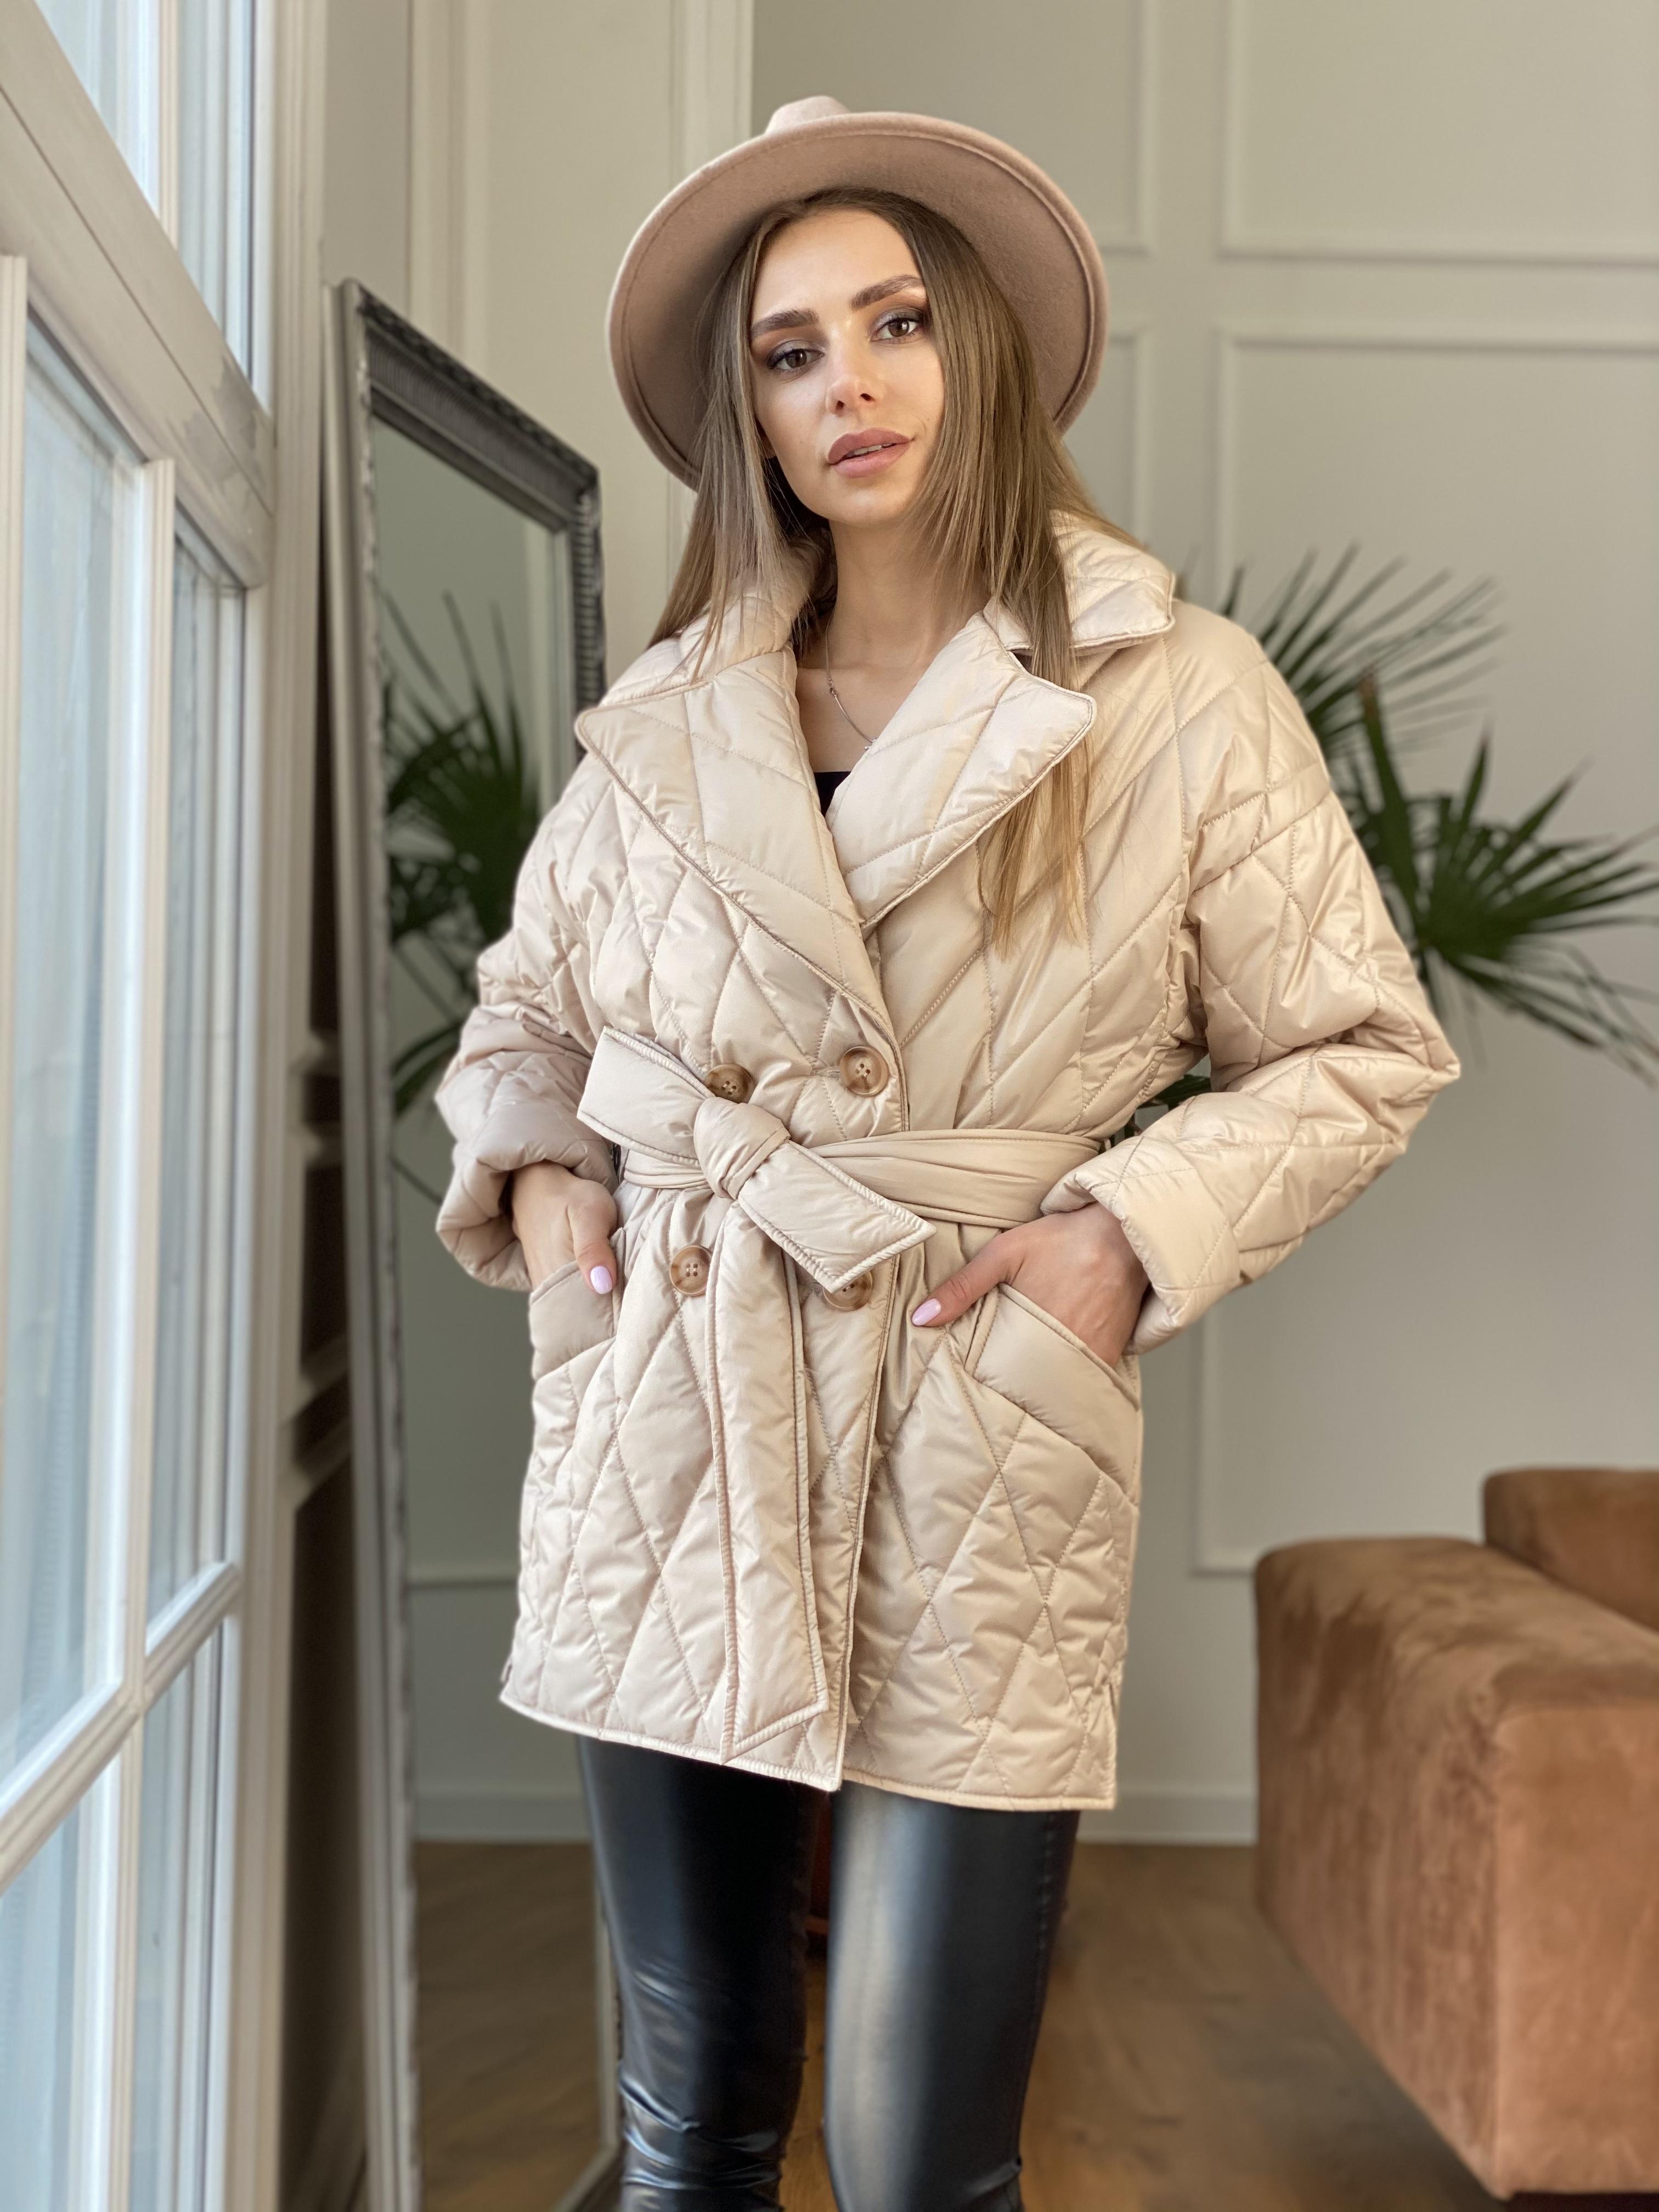 Норд куртка из плащевой ткани стеганая 10883 АРТ. 47411 Цвет: Бежевый - фото 4, интернет магазин tm-modus.ru